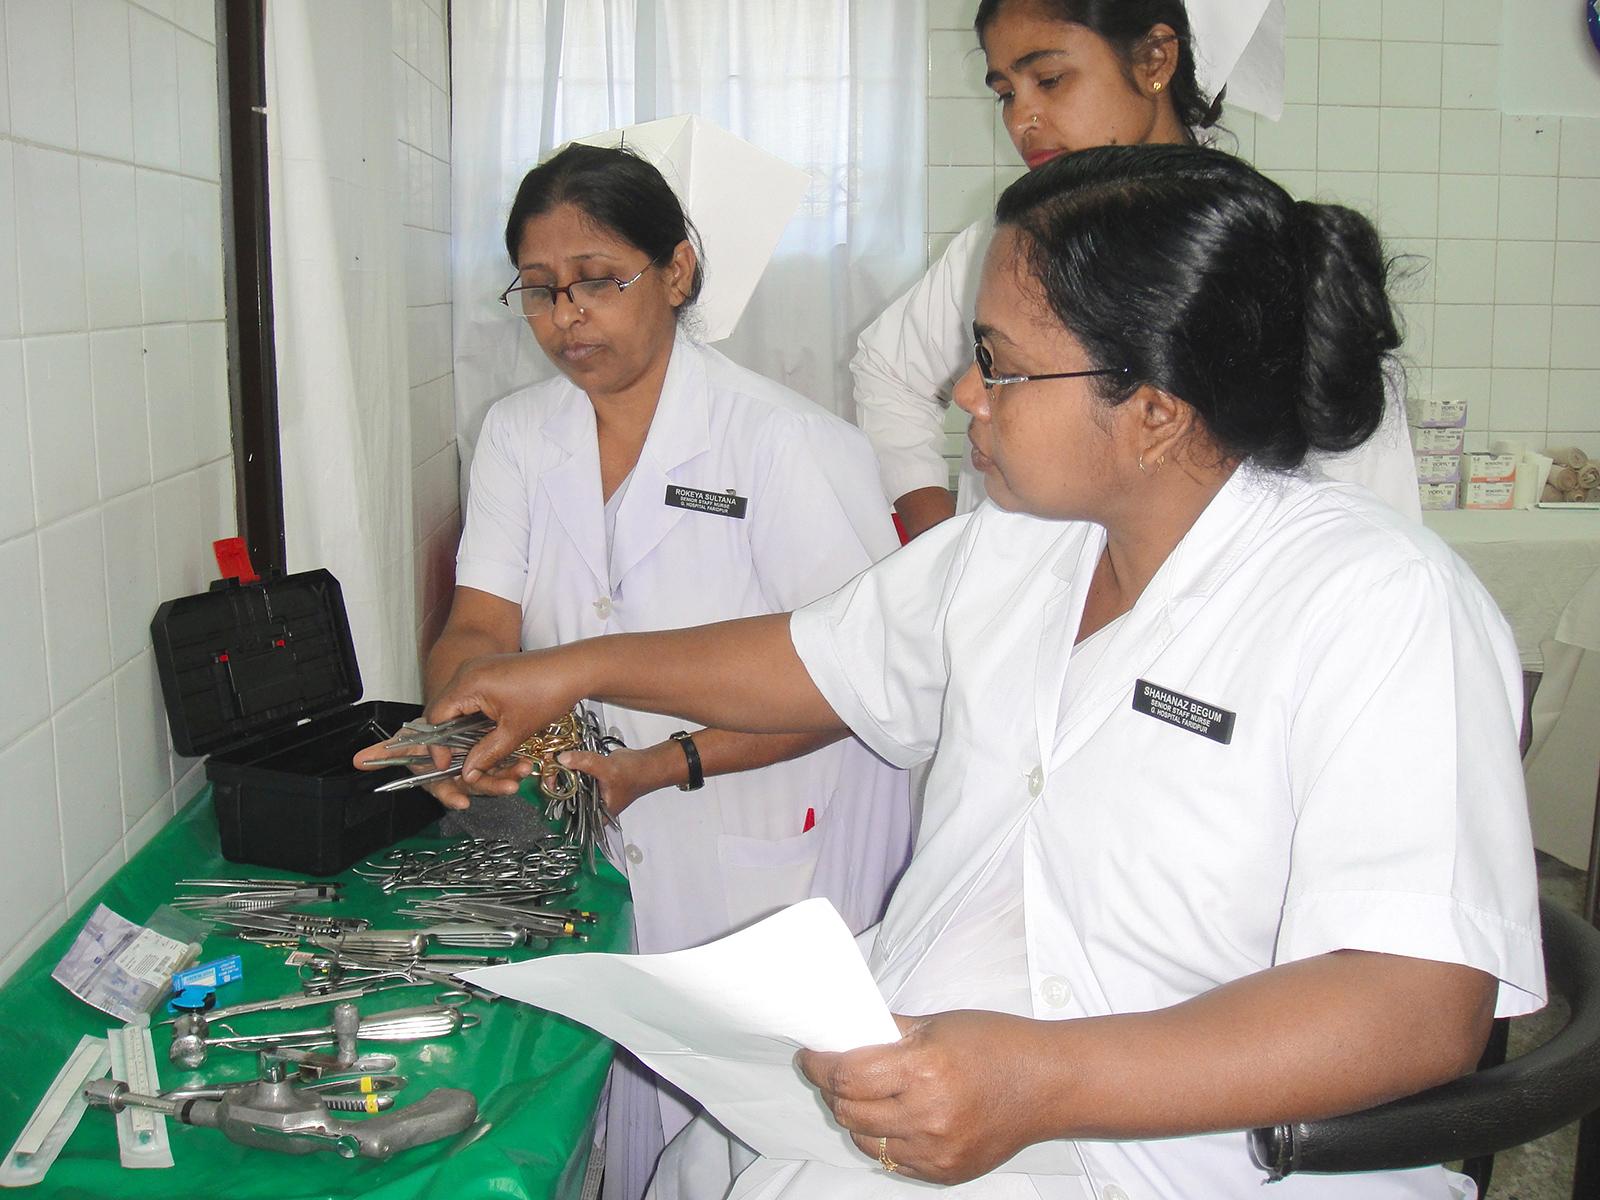 Bengalese verpleegkundigen met instrumententarium